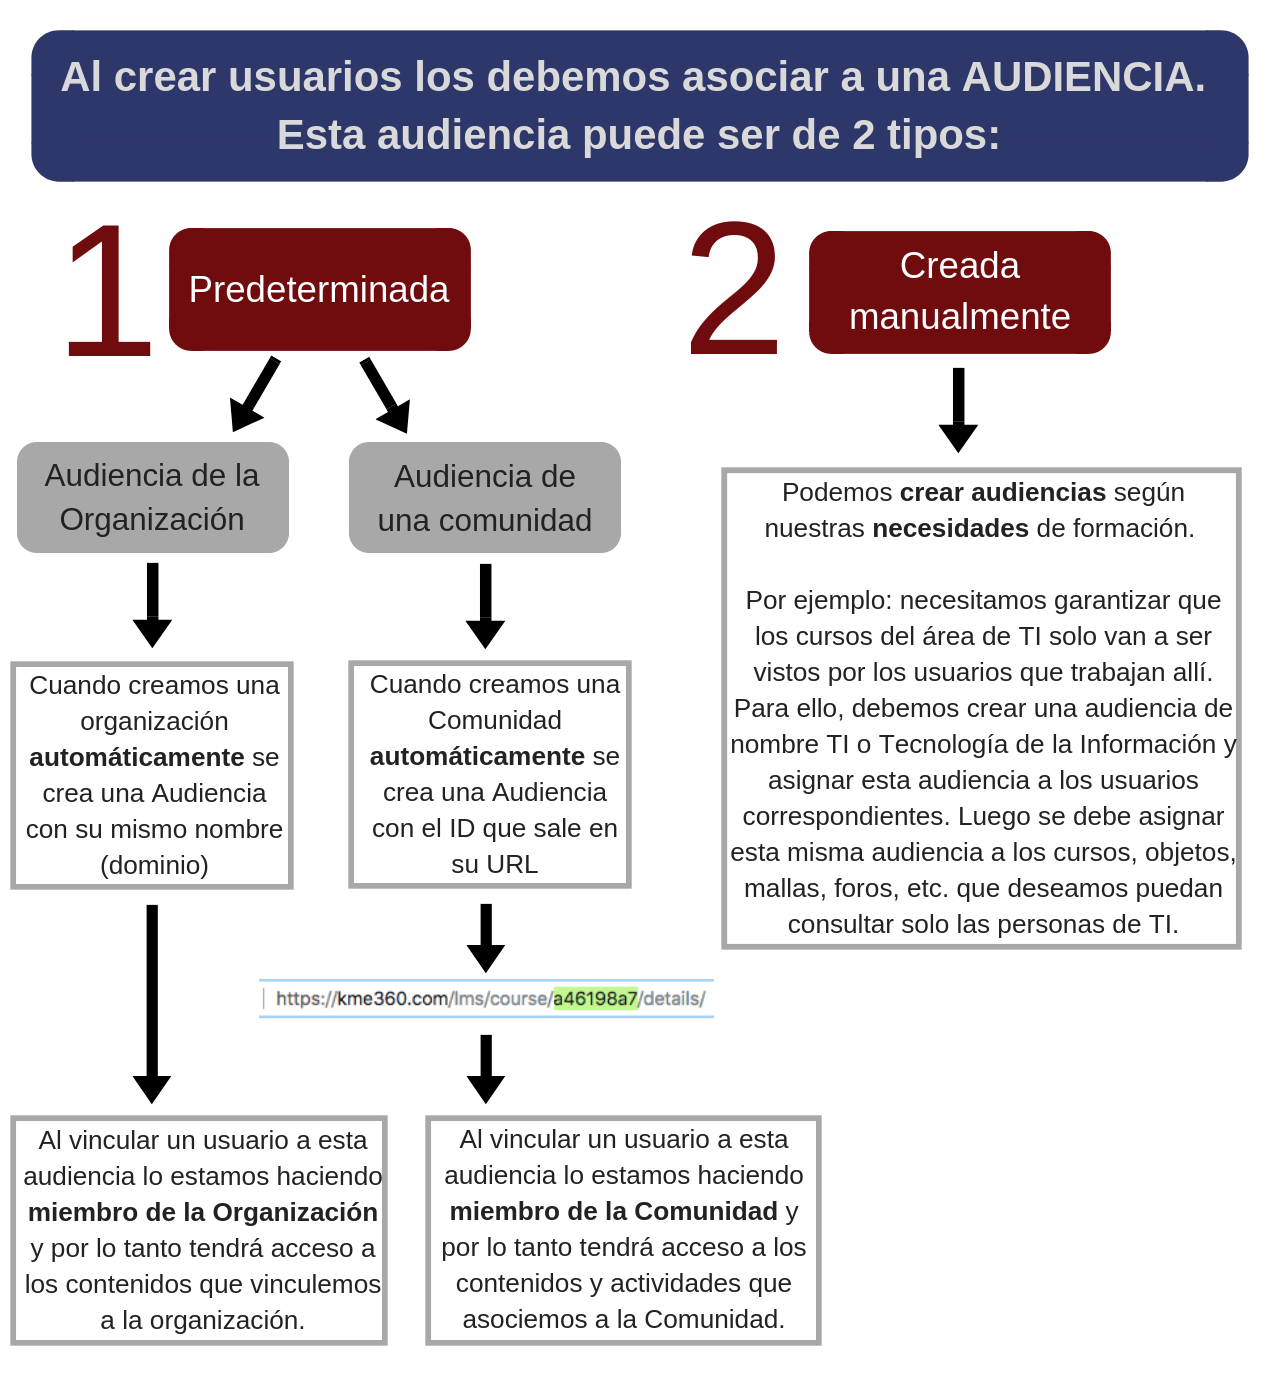 Al_crear_usuarios_los_debemos_asociar_a_una_AUDIENCIA._Esta_audiencia_puede_ser_de_2_tipos_.png